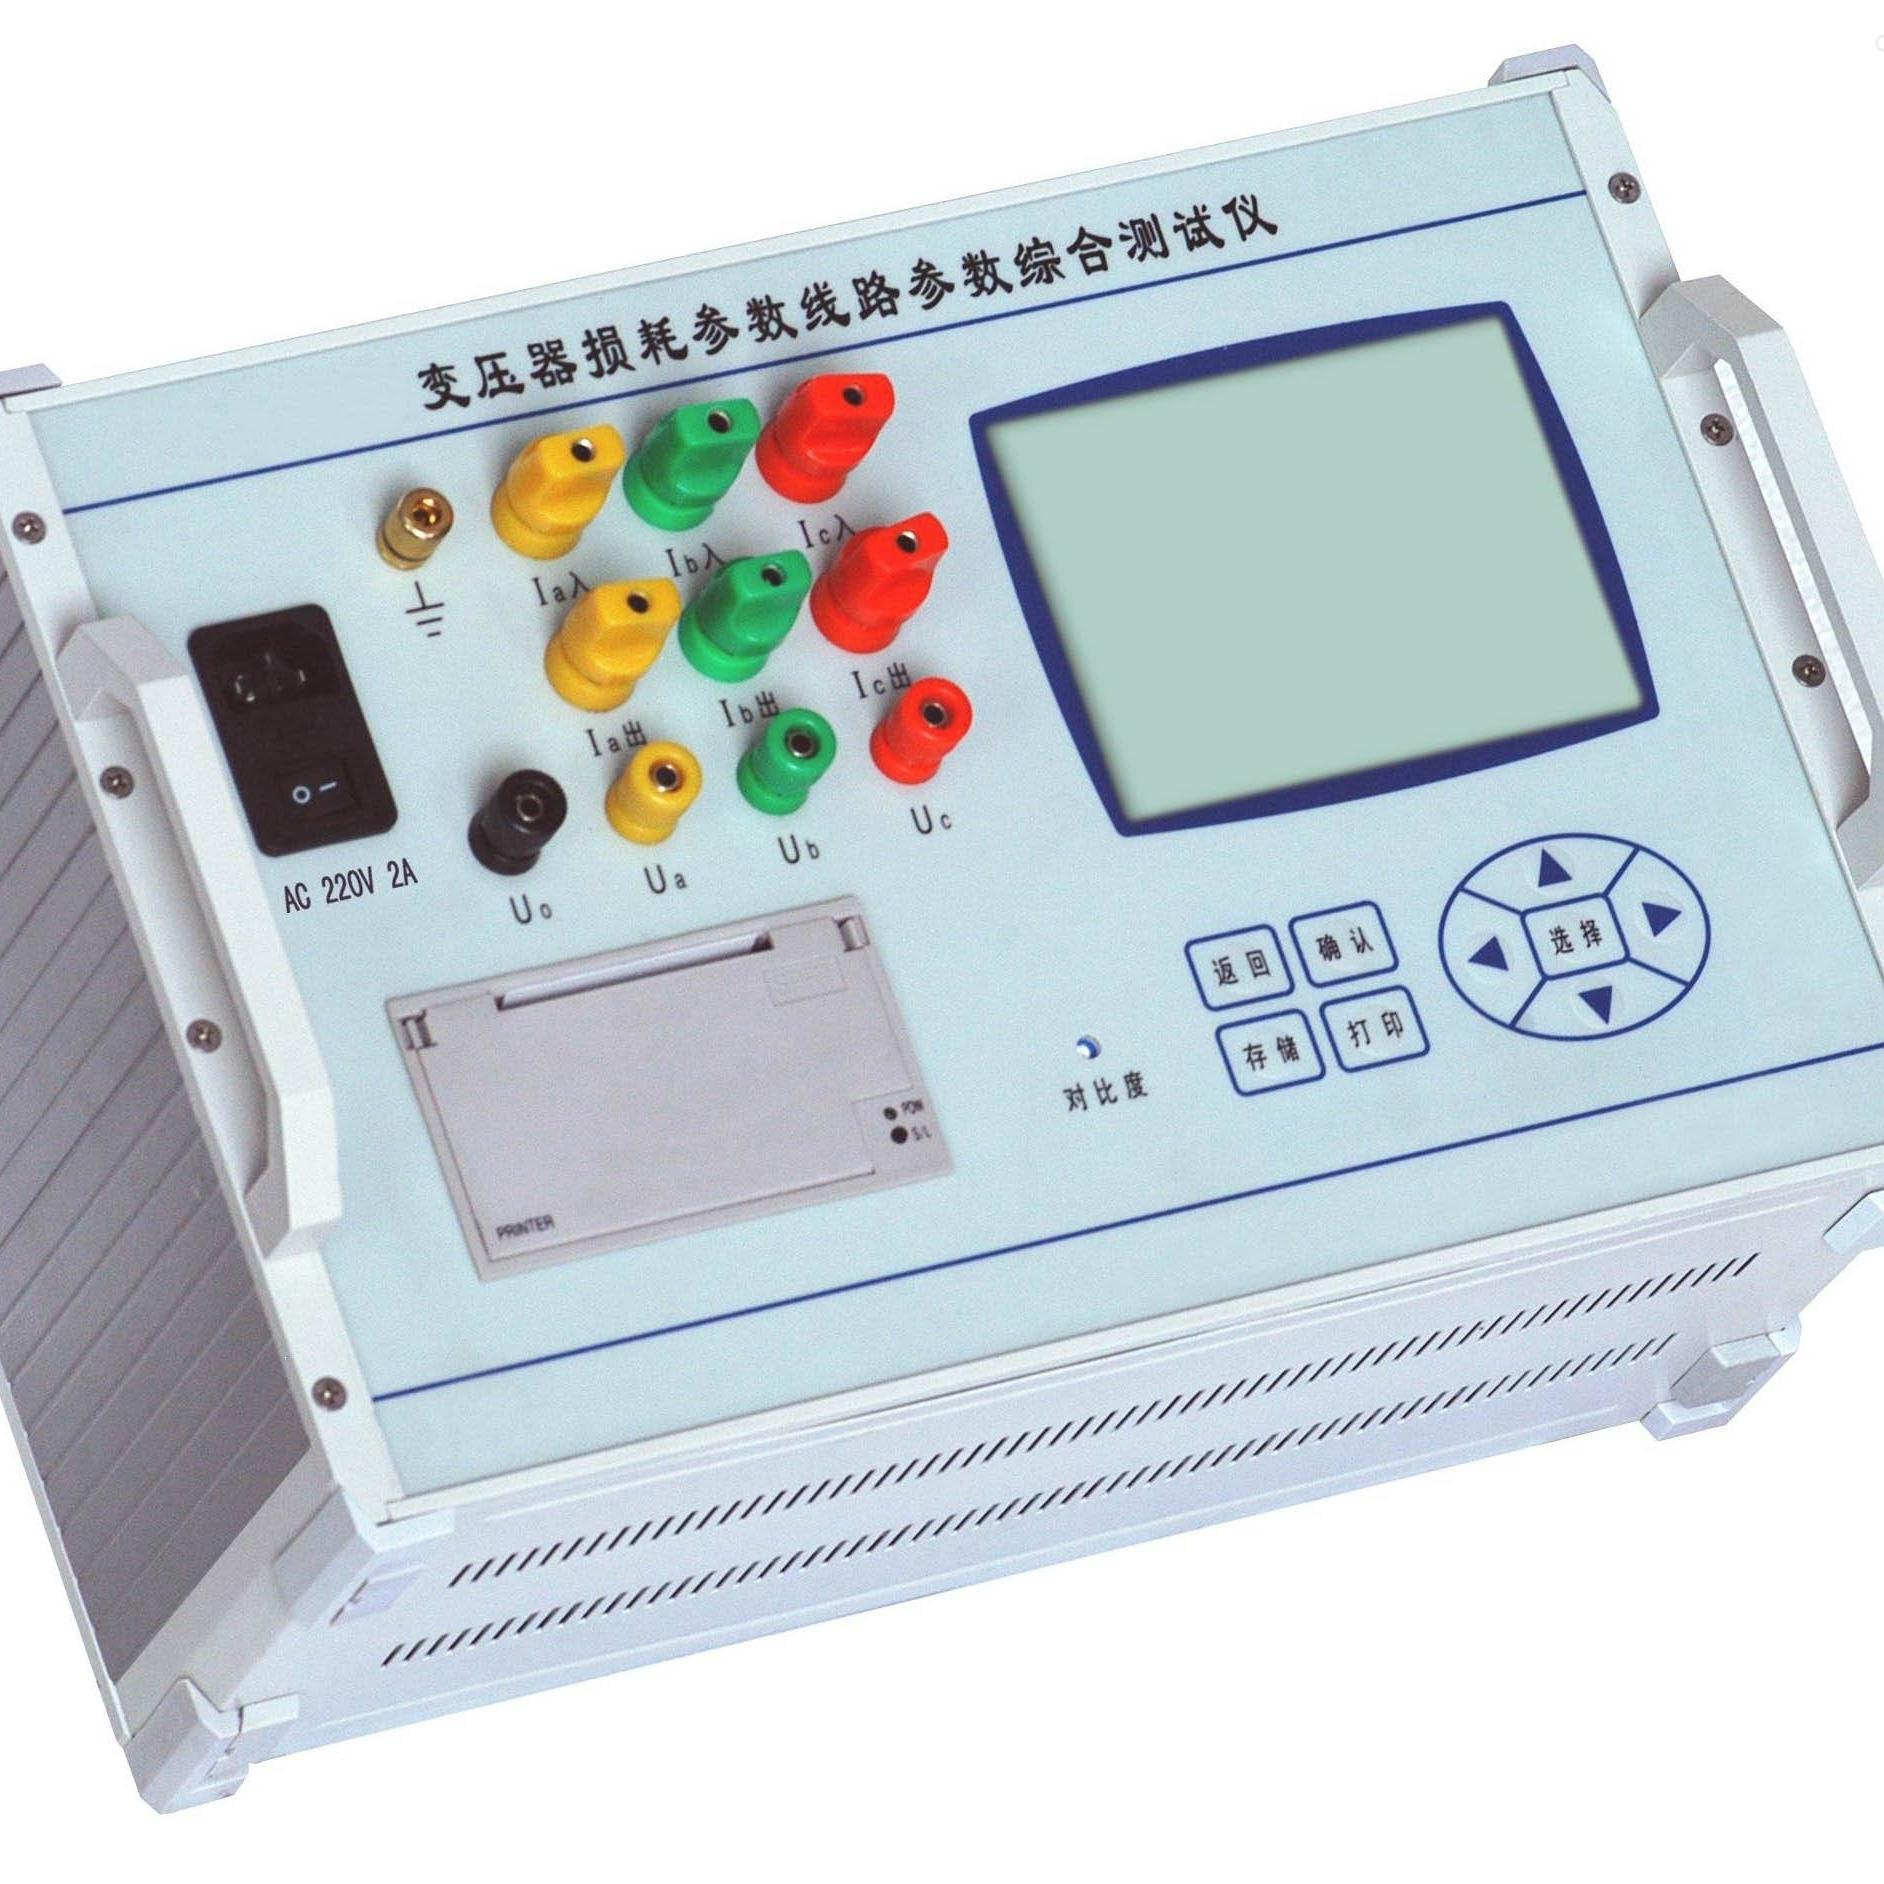 YNBS-V 变压器空载负载特性测试仪